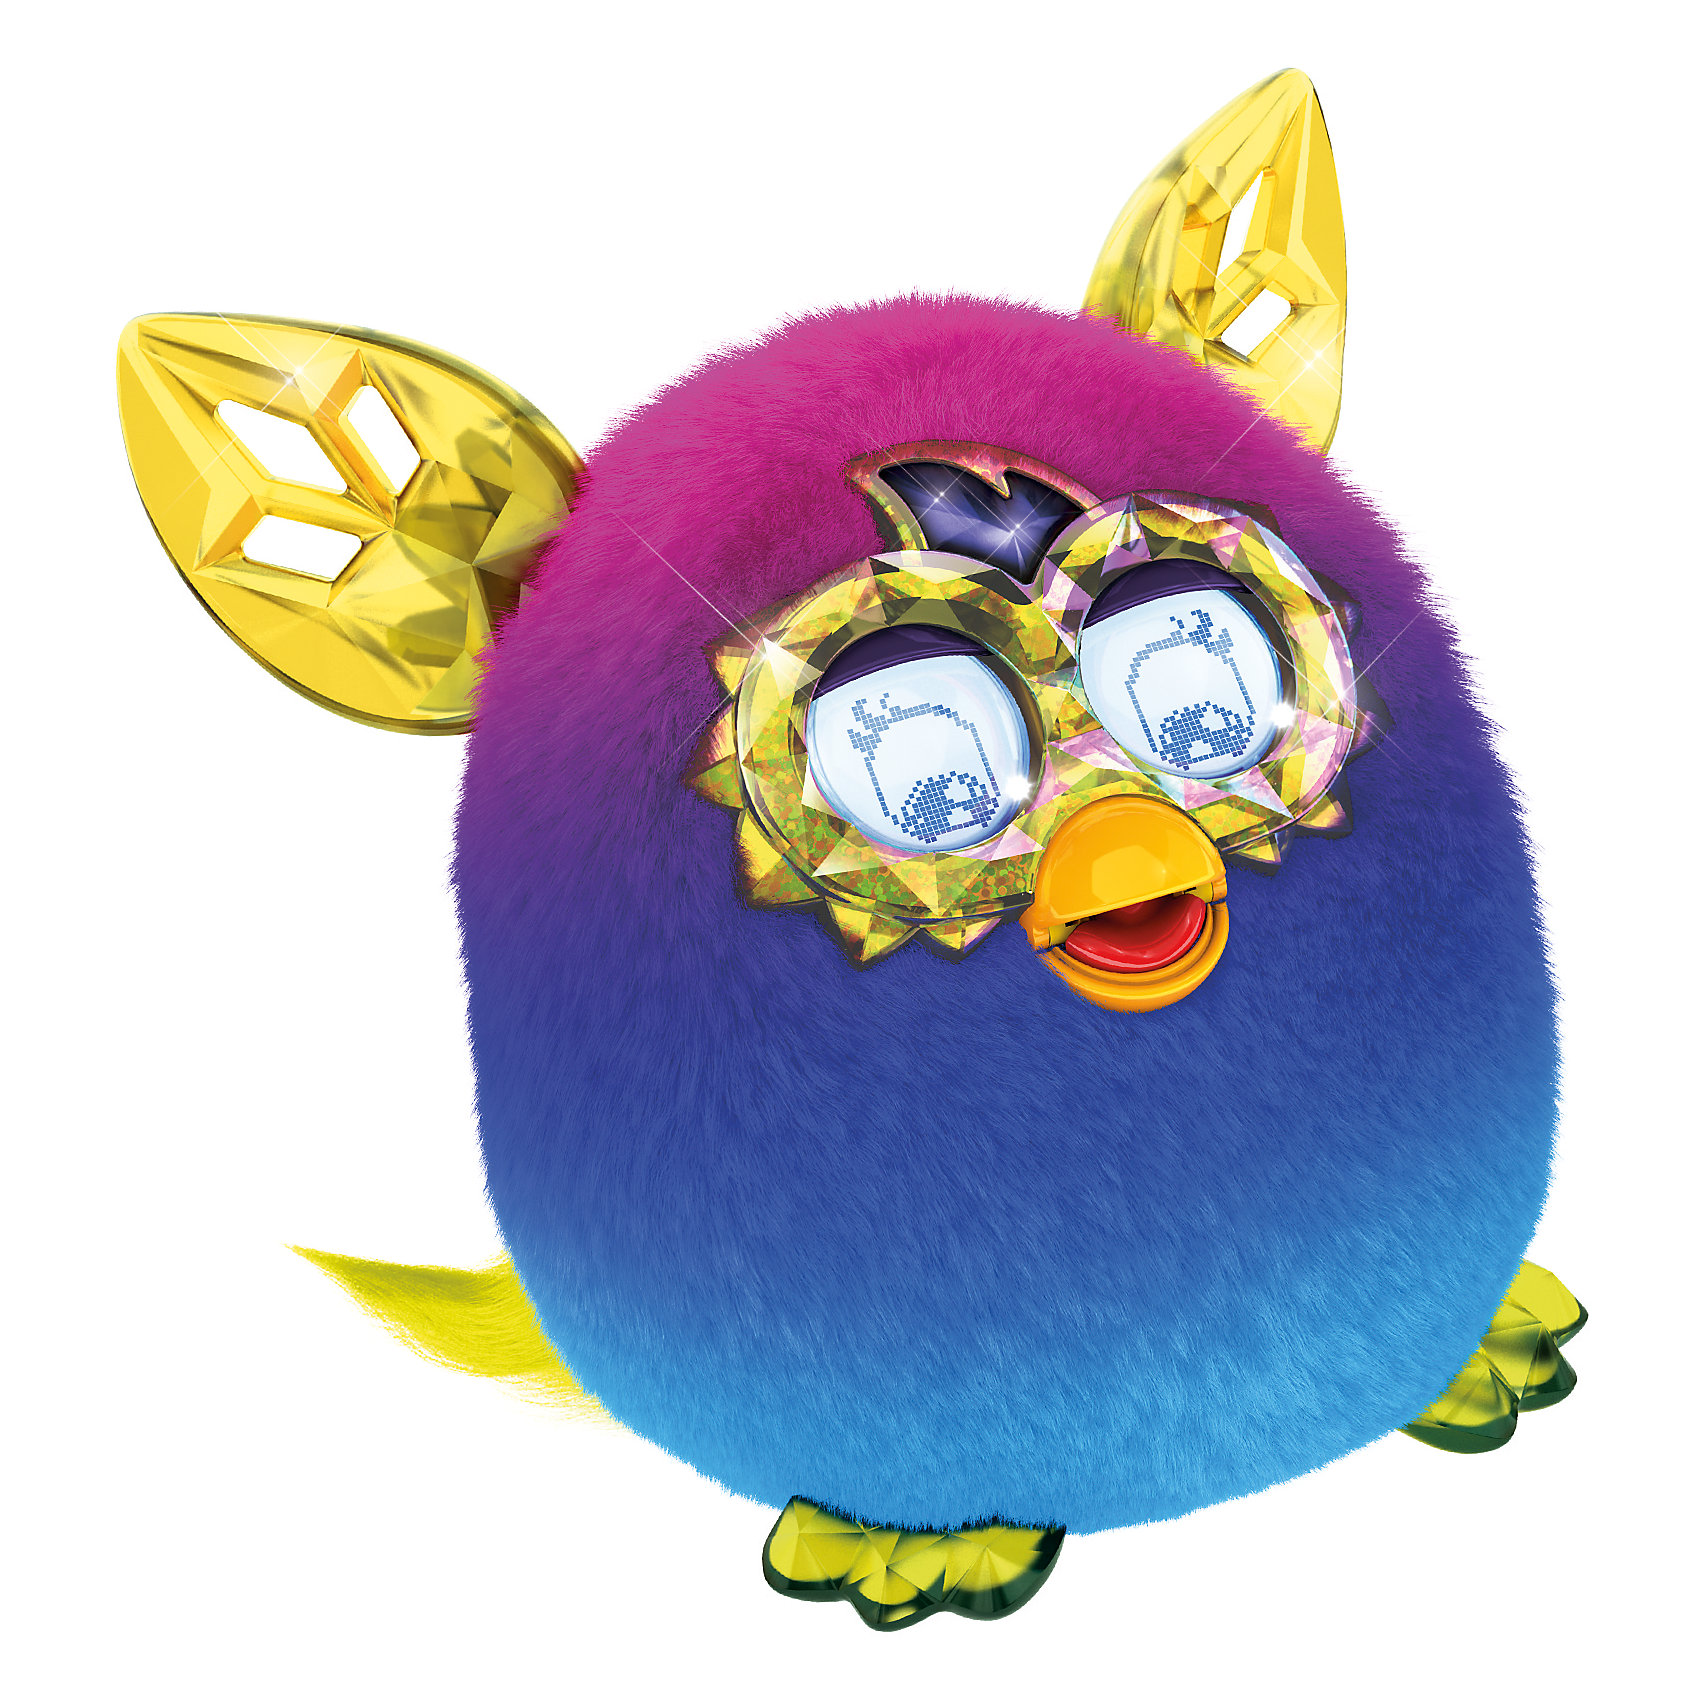 Интерактивная игрушка Furby Crystal (Ферби Кристал) Сине-сиреневыйИнтерактивная игрушка Furby Crystal (Ферби Кристал) Сине-сиреневый - это уникальная игрушка, которая станет отличным подарком для детей.<br>Ты только посмотри на этого красавца! Мохнатые любимцы вновь изменили образ! Фёрби Кристал имеют совершенно новый контент и, как все Фёрби обладают разными кристальными характерами - Принцесса, Болтун, Музыкант, Злюка, Сумасшедший. Питомец разговаривает на фербише и на русском языке. Со временем он также выучит и новые слова и фразы. А еще твой любимец сможет запомнить свое имя и имена своих друзей, с которыми будет общаться. У него очень яркая и красивая шубка с нежными переливами, резные ушки и симпатичная мордашка. Уши, лапки и глаза выглядят как кристаллы, отчего малыш и получил такое название. Глаза у нового Furby Cristal стали еще более функциональными и с более богатой анимацией. У этого малыша есть масса интересных функций. Он умеет размножаться в виртуальном пространстве. Посмотри, из яйца вылупился маленький Ферблинг, который будет с удовольствием общаться со своим родителем. Только существа из коллекции Ферби Кристалл, такие радужные и непредсказуемые, и умеют играть с бесплатным новым приложением!<br><br>Дополнительная информация:<br><br>- Высота: 13 см.<br>- Цвет: сине-сиреневый<br>- Материал: пластмасса, текстиль<br>- Батарейки: 4 типа 1,5 V AA (в комплект не входят)<br>- Размер упаковки: 20 x 20 x 12 см.<br>- Вес: 765 гр.<br><br>Интерактивную игрушку Furby Crystal (Ферби Кристал) Сине-сиреневый можно купить в нашем интернет-магазине.<br><br>Ширина мм: 124<br>Глубина мм: 200<br>Высота мм: 225<br>Вес г: 765<br>Возраст от месяцев: 72<br>Возраст до месяцев: 1188<br>Пол: Унисекс<br>Возраст: Детский<br>SKU: 4339230